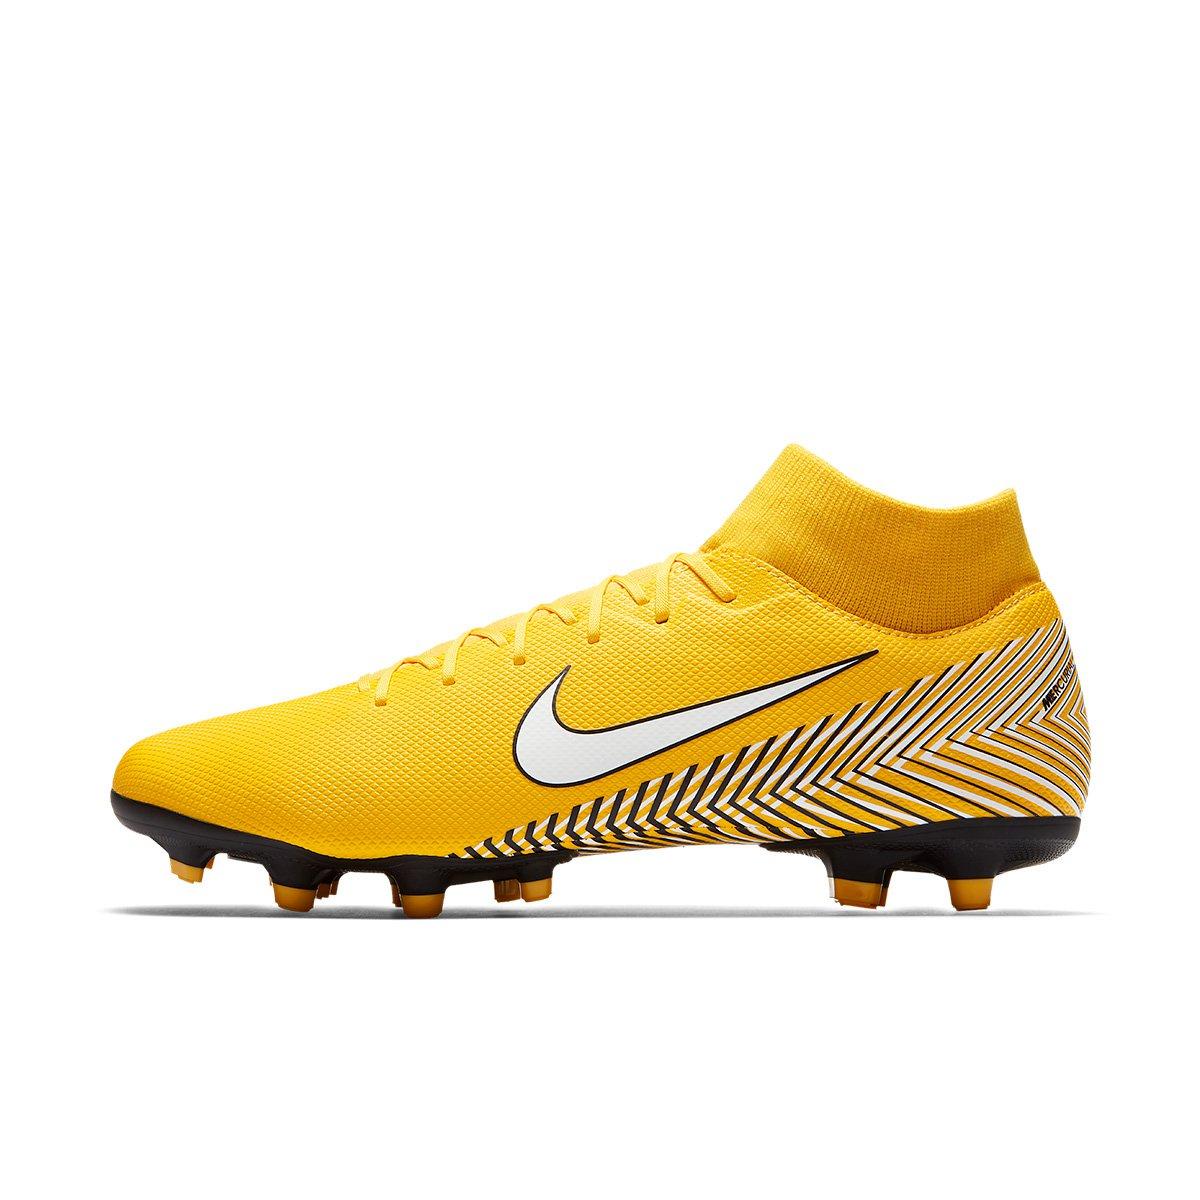 41f06cbe6645b Chuteira Campo Nike Mercurial Superfly 6 Academy Neymar FG - Amarelo e  Preto - Compre Agora